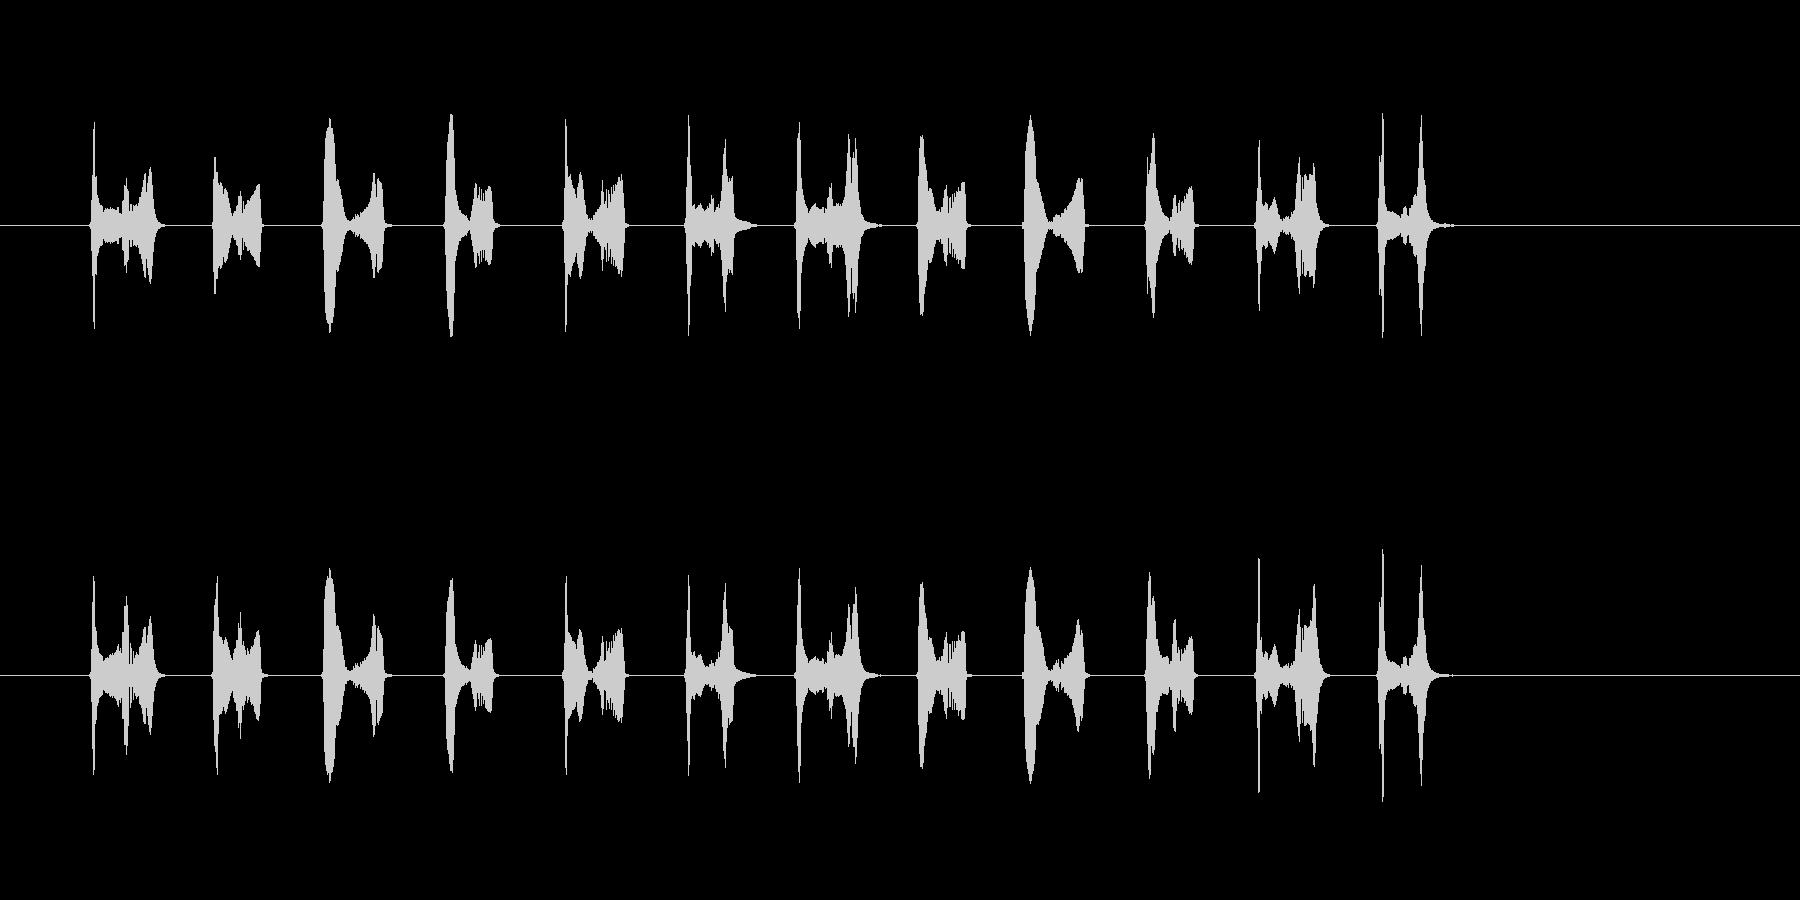 かわいいキャラ移動音(足音)の未再生の波形